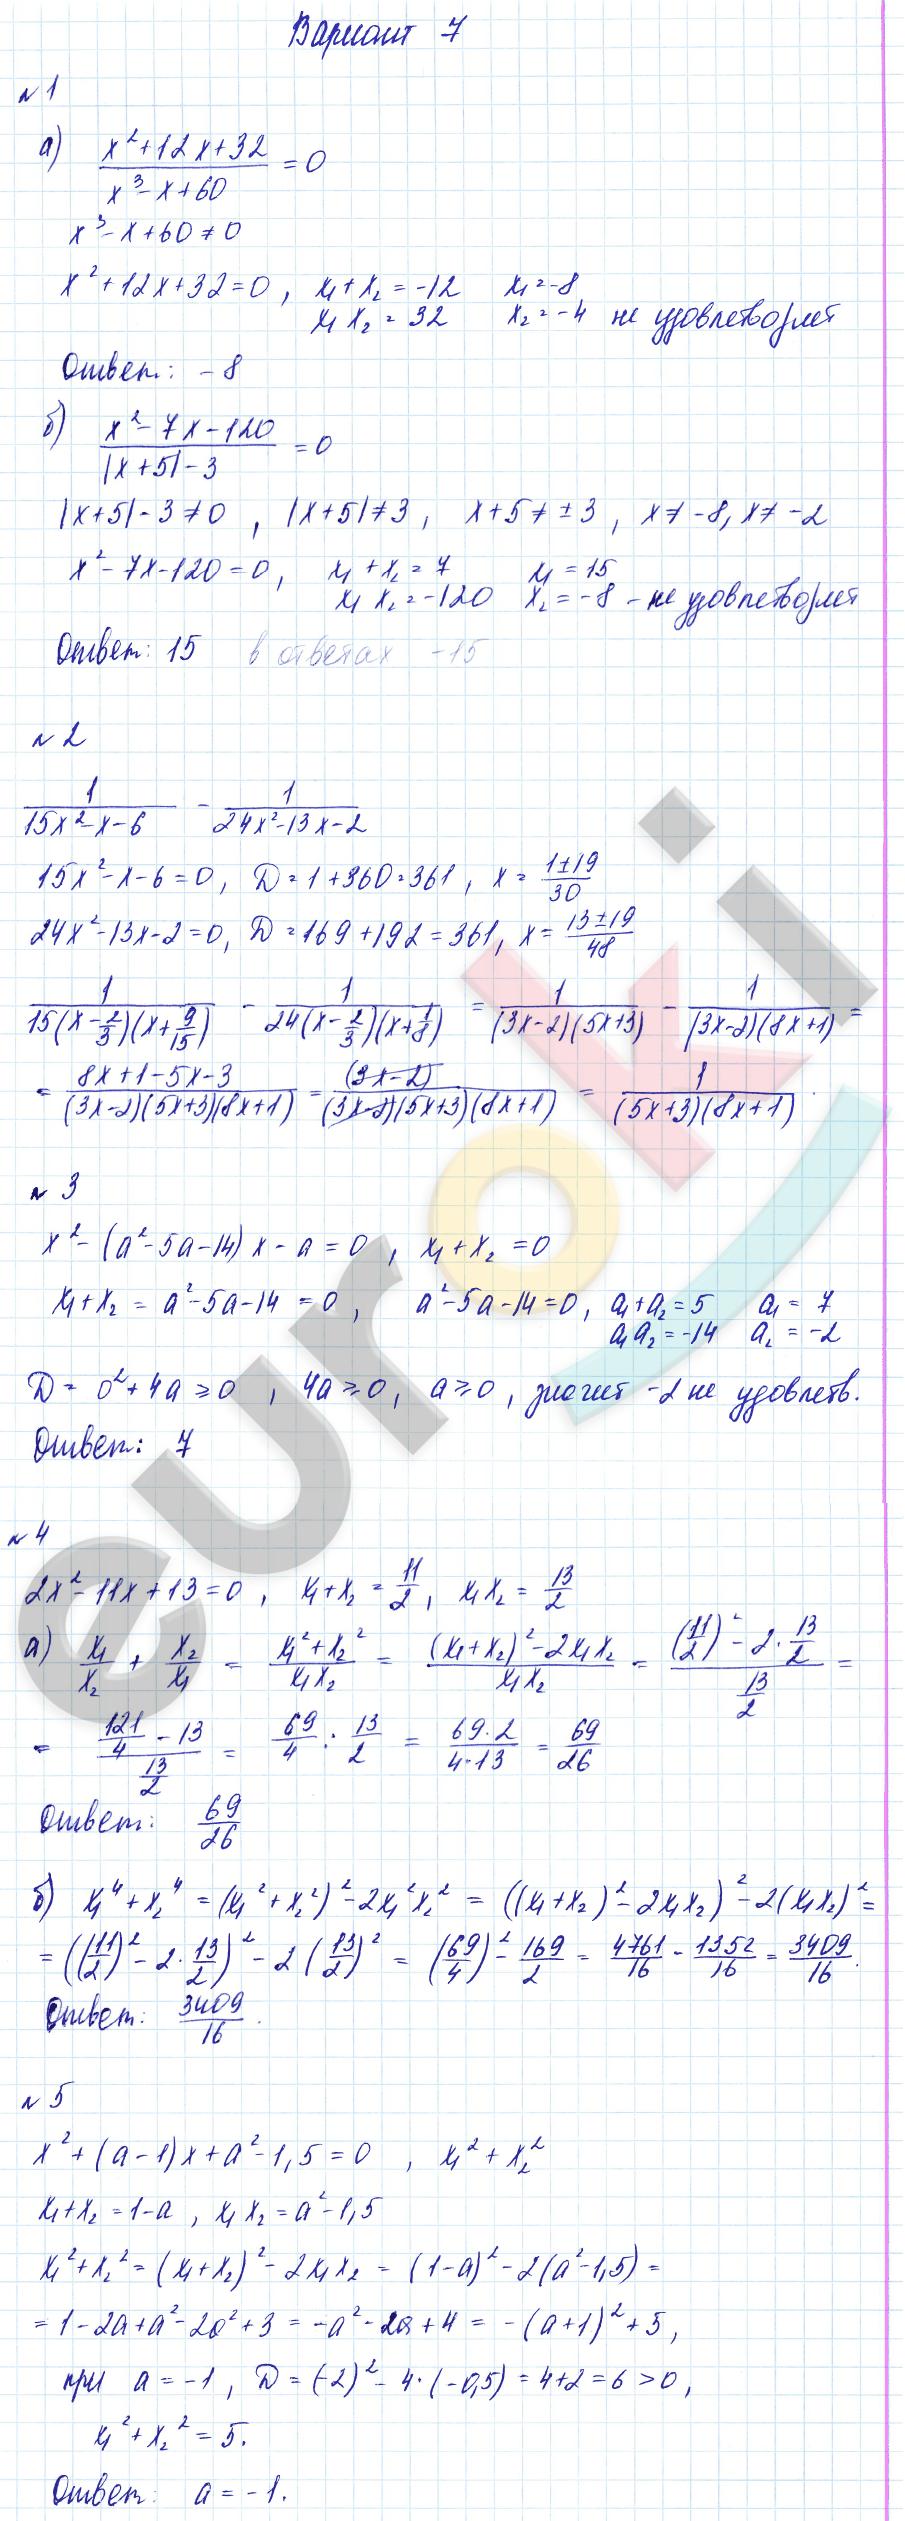 Зив гольдич дидактические материалы по алгебре для 8 класса гдз